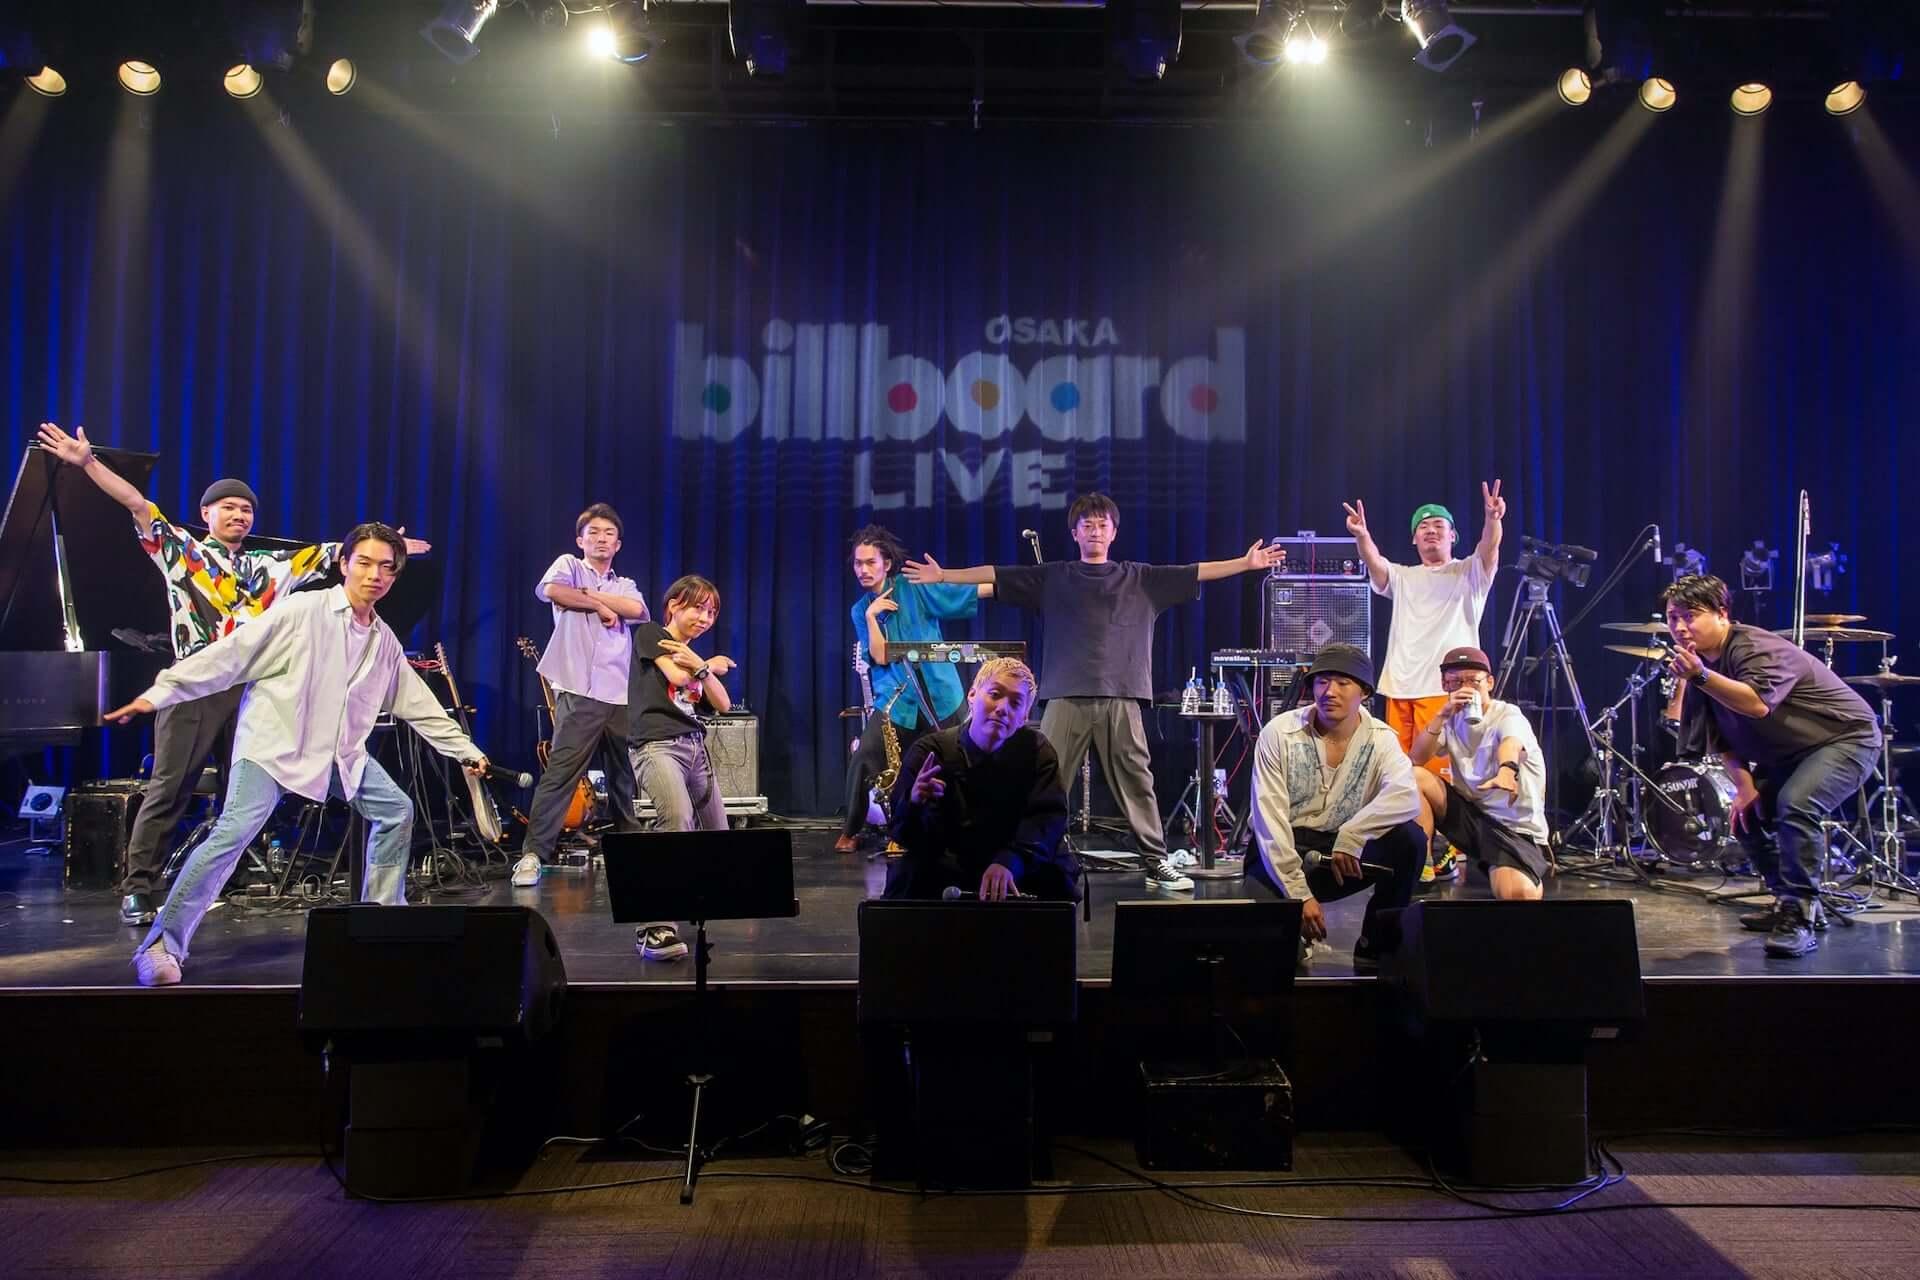 結成10周年を迎えたSoulflexがビルボードライブ大阪からキャリア初の生配信ライブを敢行!ライブレポートが到着 music2000825_soulflex-livereport_29-1920x1280